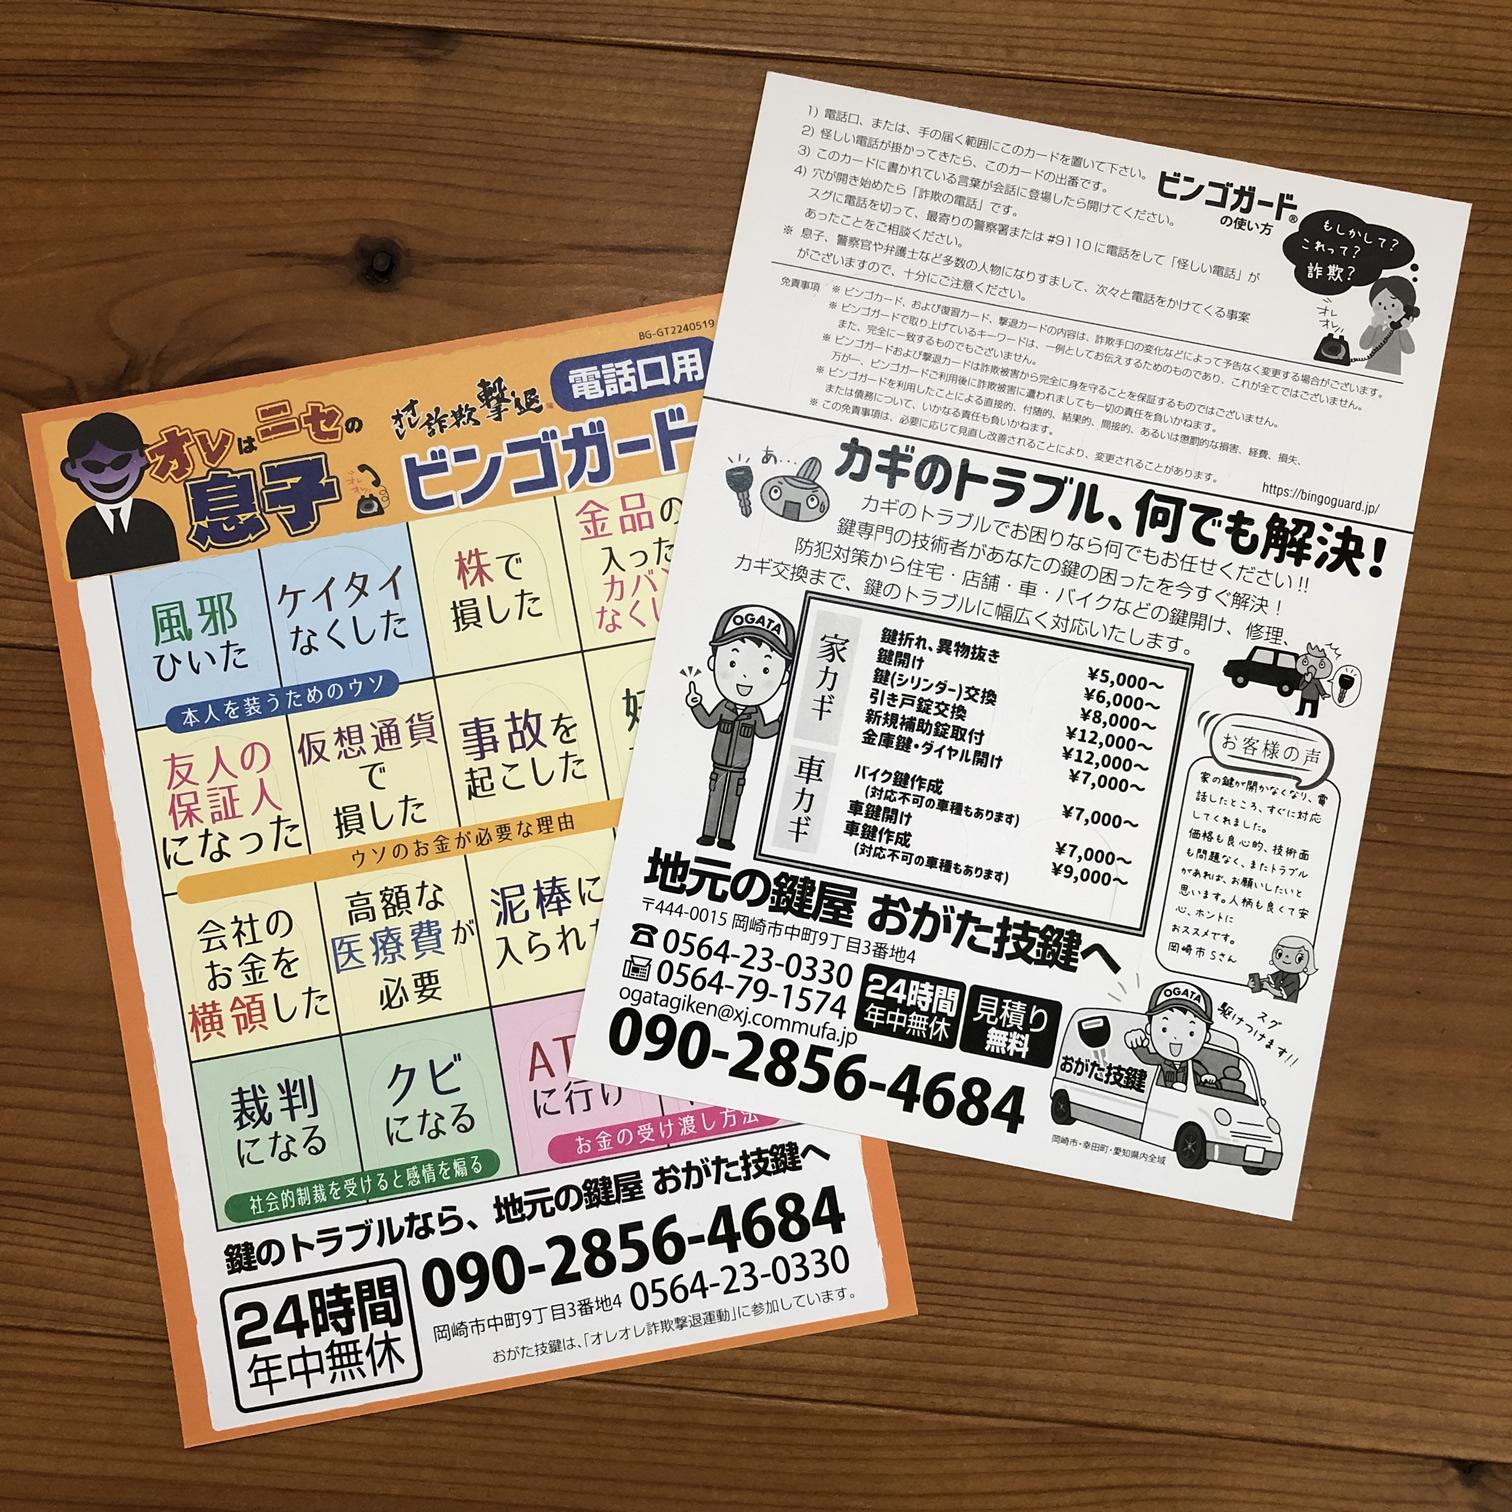 として、近隣への配布とともに詐欺防止に貢献いただいております。制作したカードの一部は郵便局ATMに設置させていただきます。 詐欺被害防止 防犯グッズ